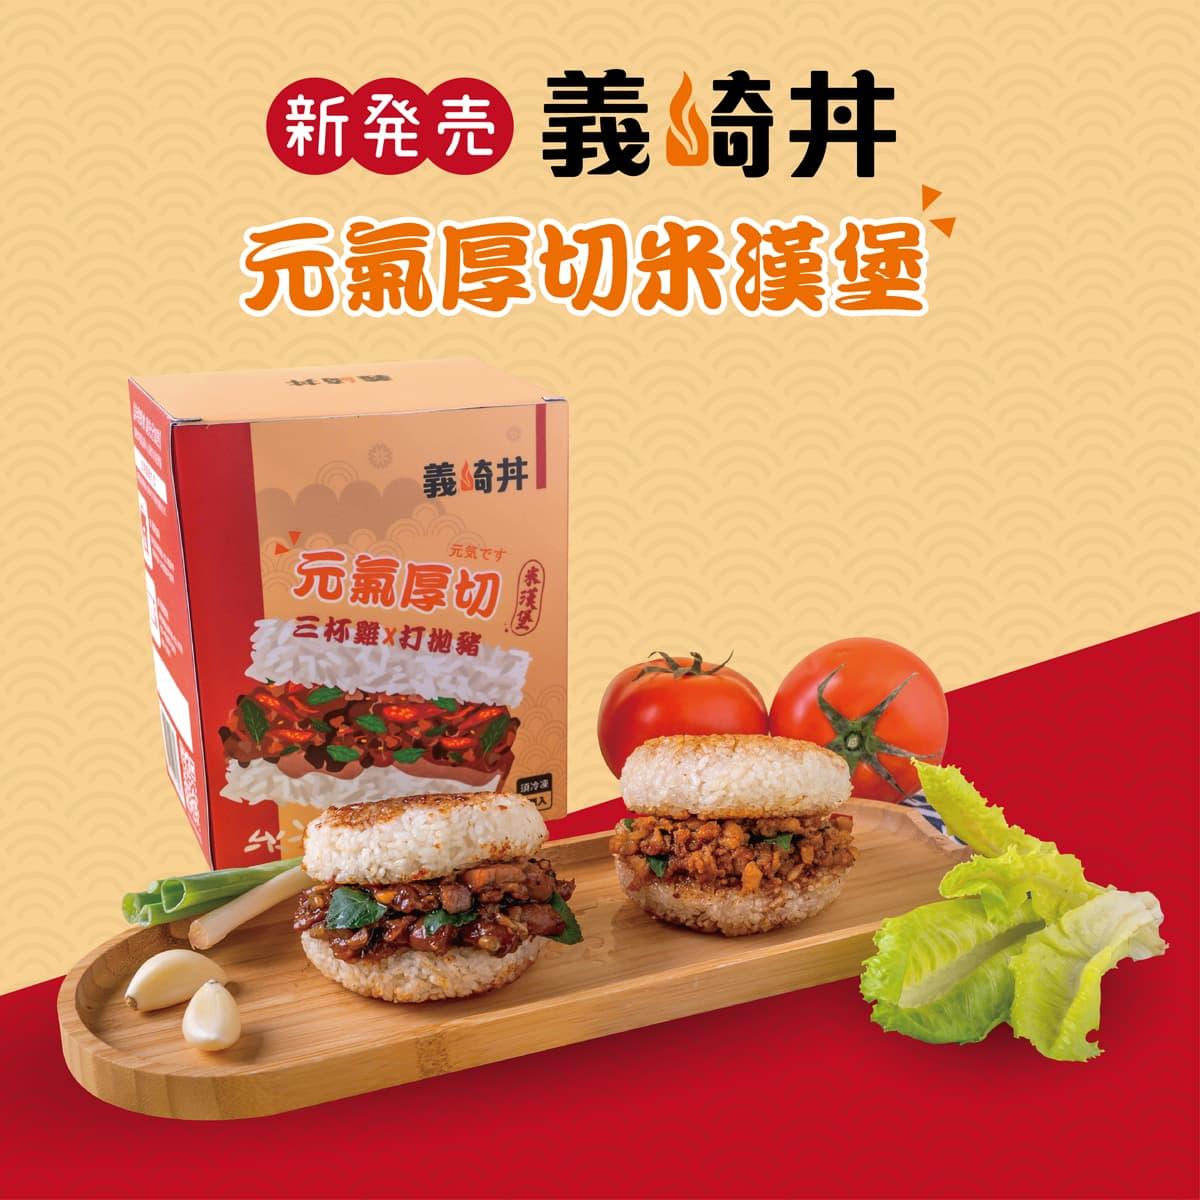 【義崎丼】元氣厚切米漢堡 6入x2盒 (三杯雞*3+打拋豬*3) 免運